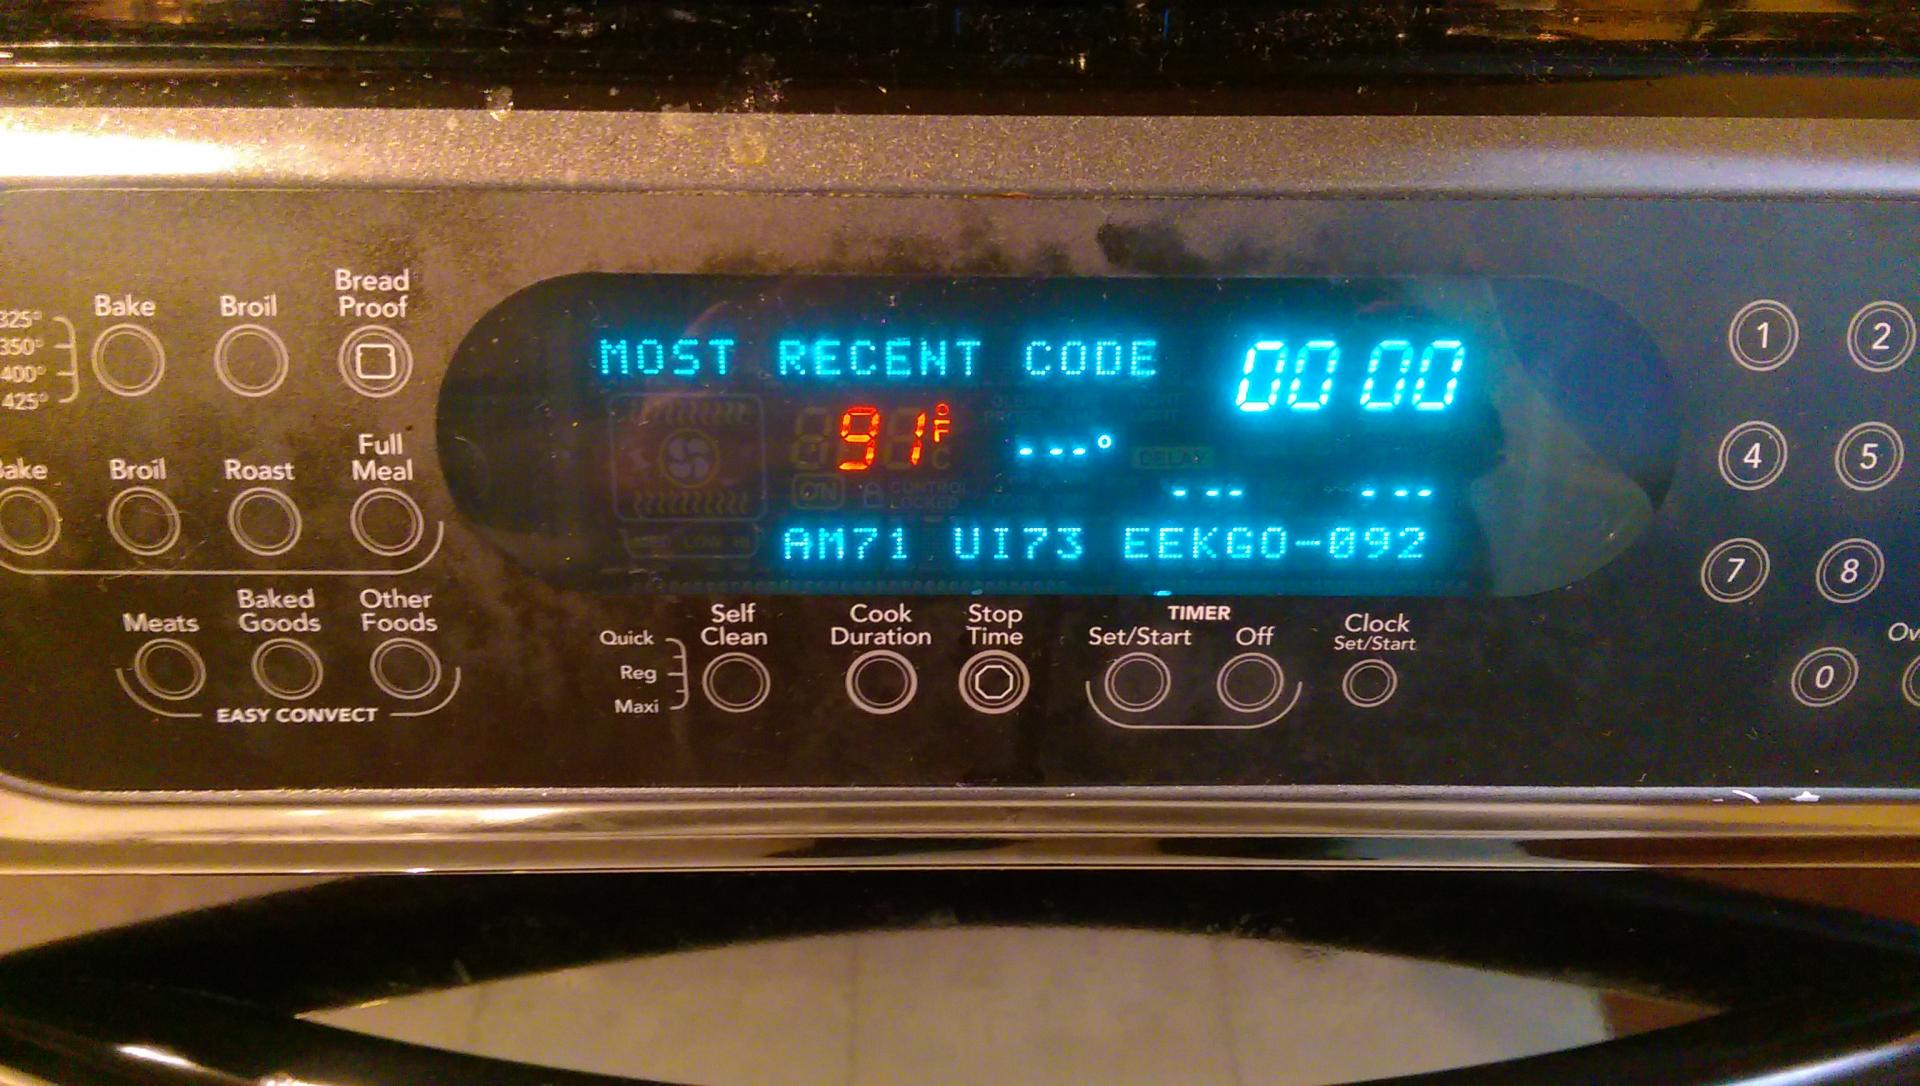 Kitchenaid oven won't heat